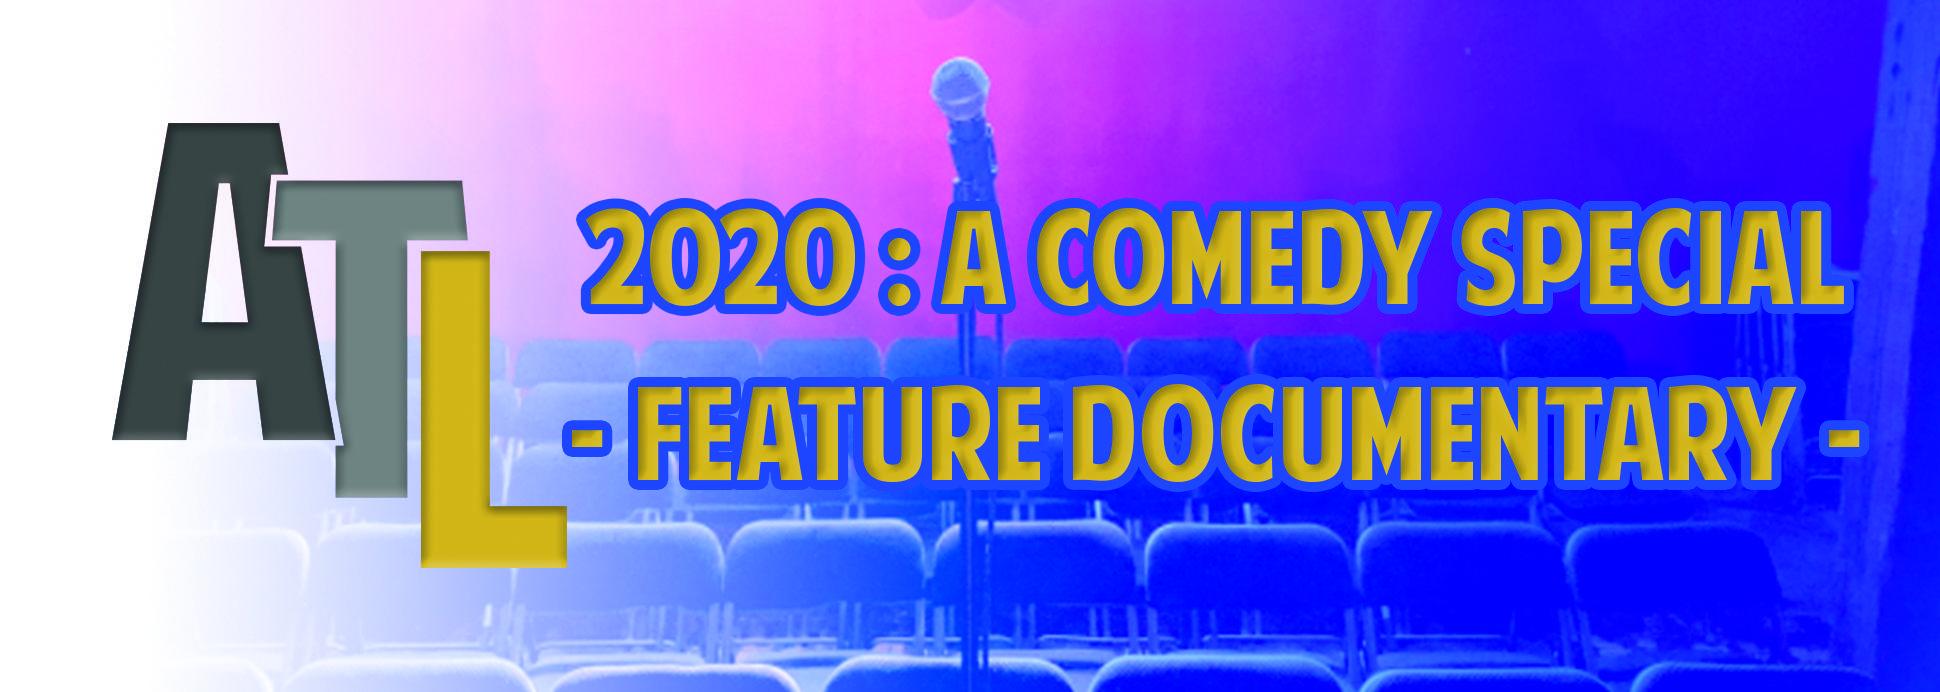 2020 : A Comedy Special